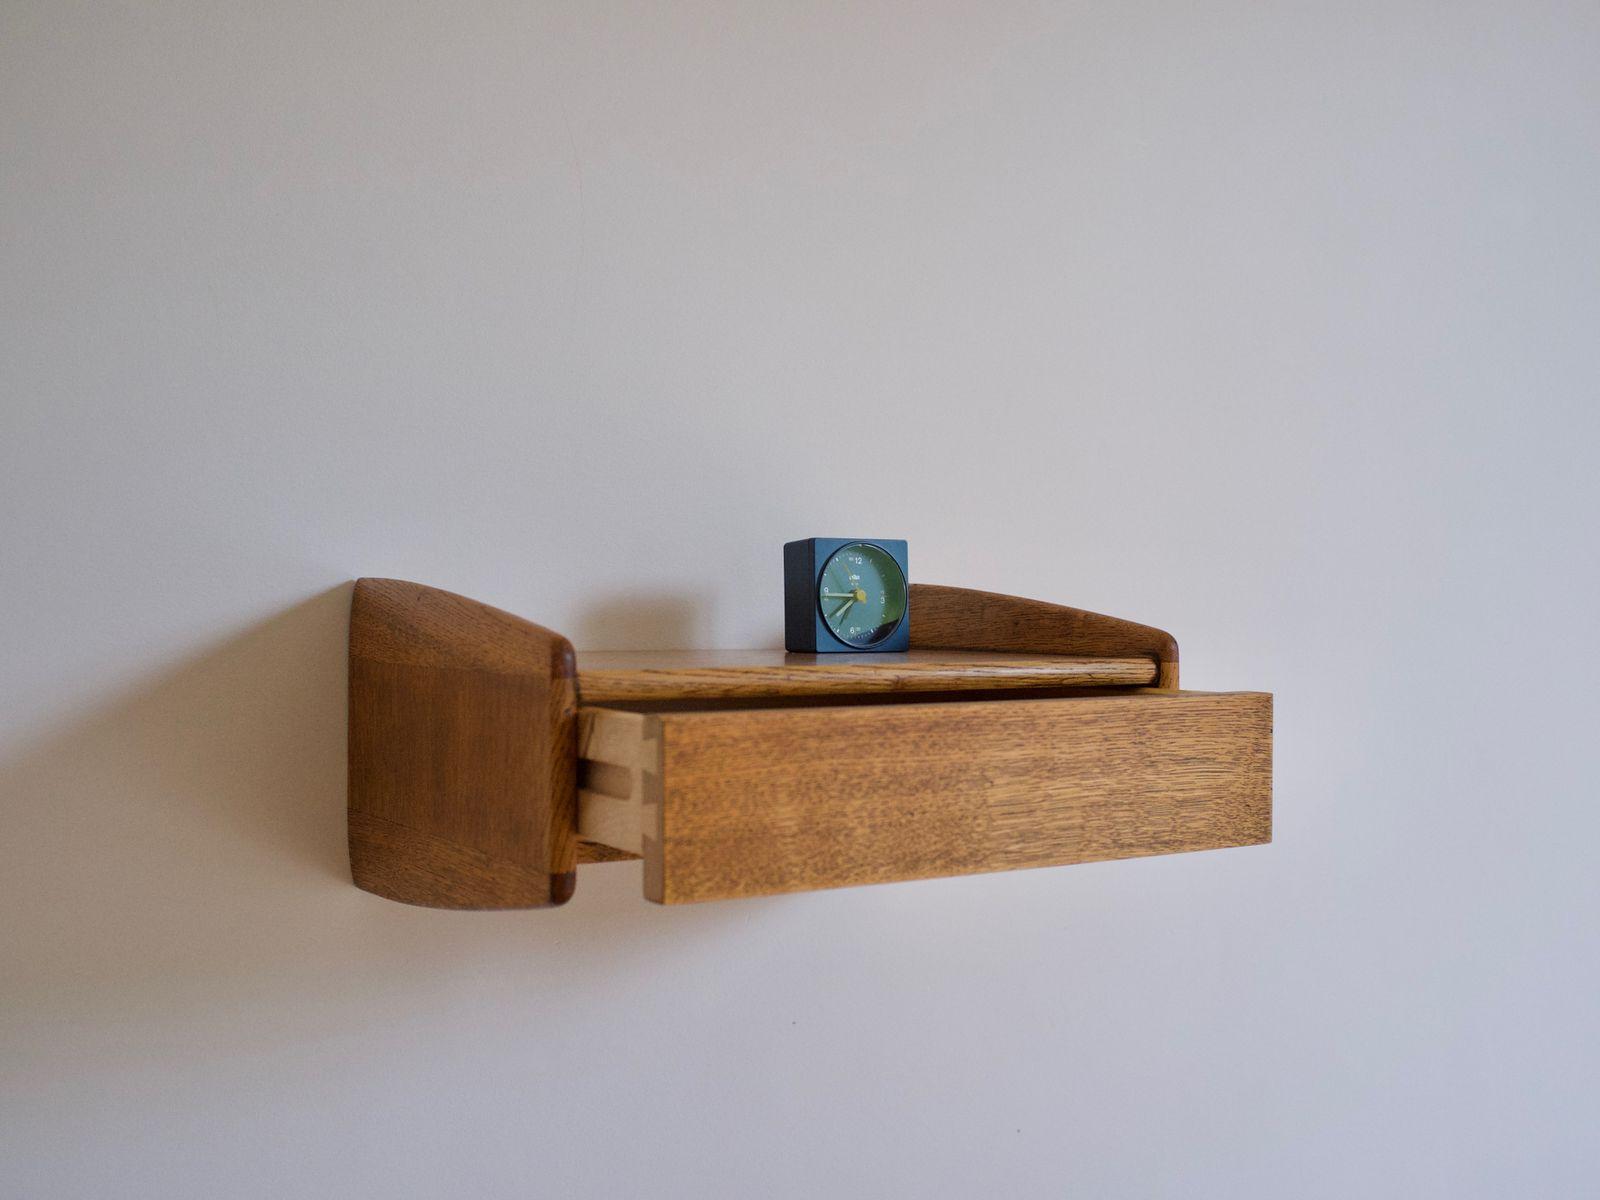 danish wall mounted bedside tables by melvin mikkelsen. Black Bedroom Furniture Sets. Home Design Ideas